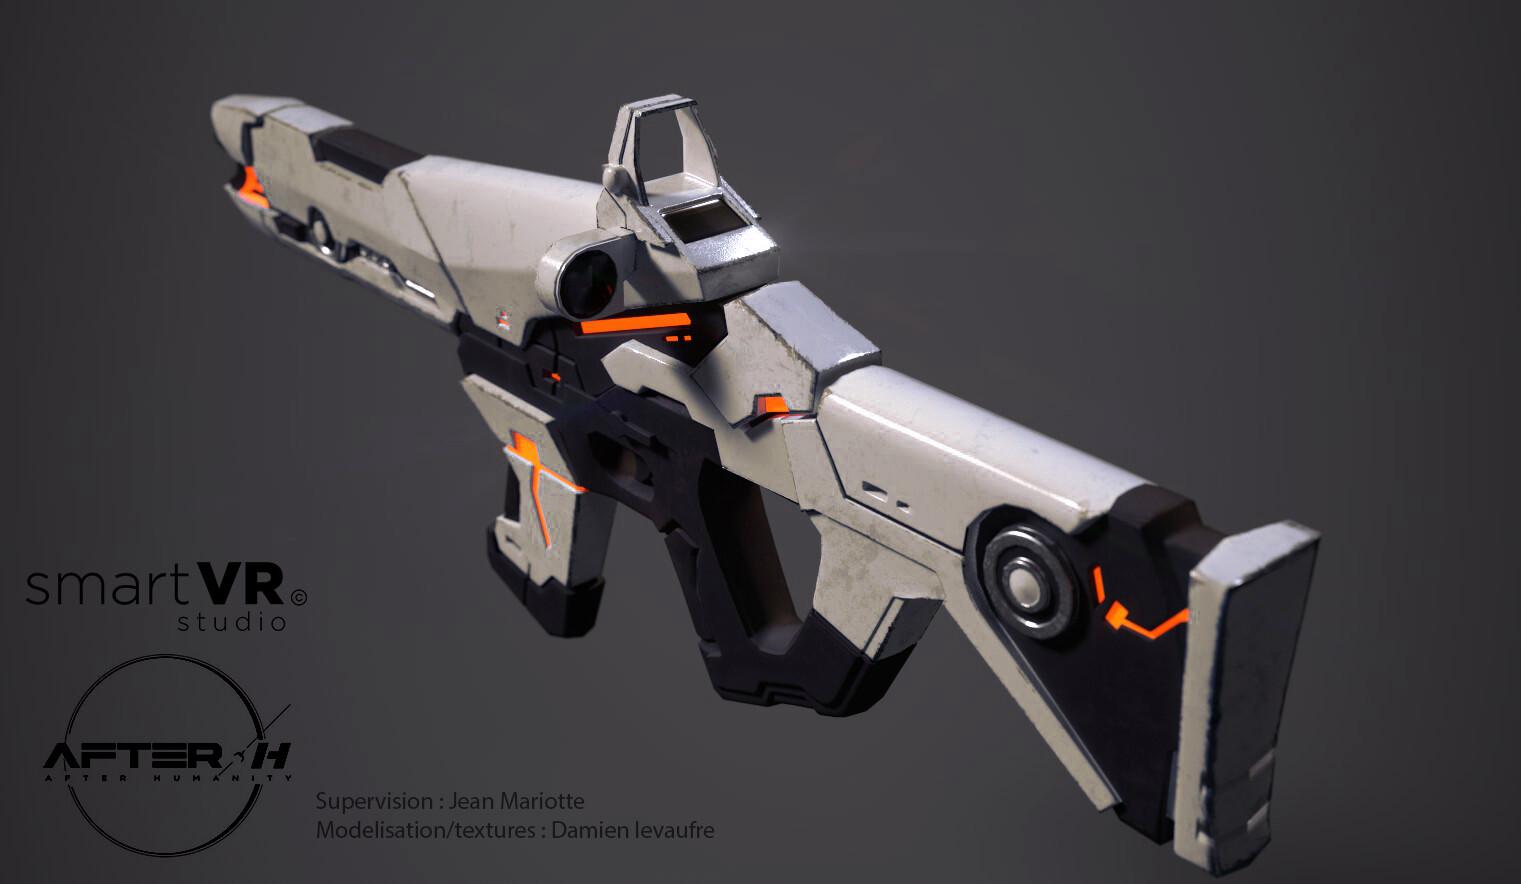 Damien levaufre gun 3 4dos n